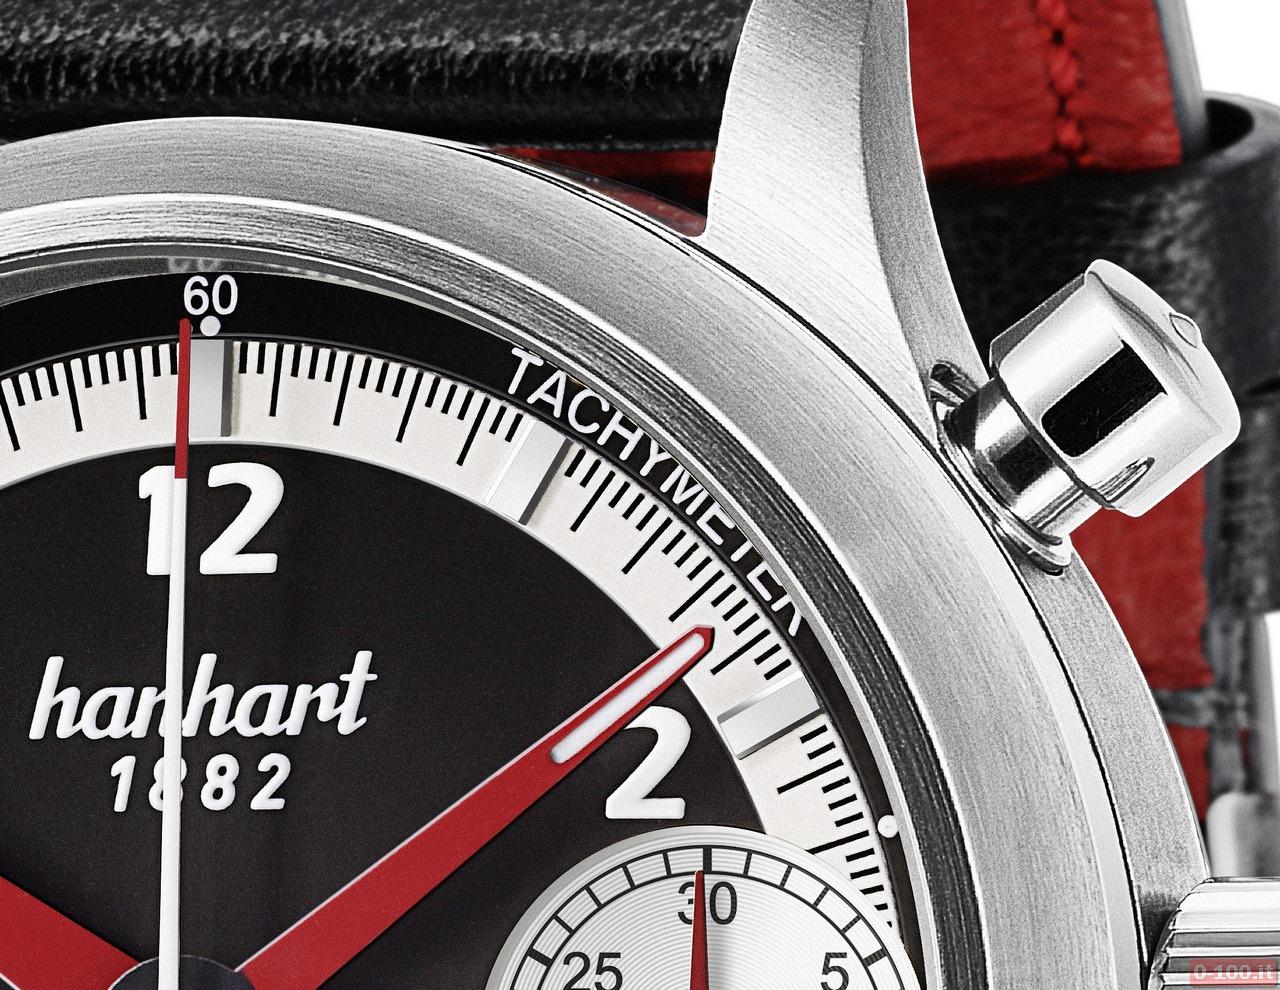 Hanhart_Pioneer_Racemaster GT_GTM_GTF_0-100_11